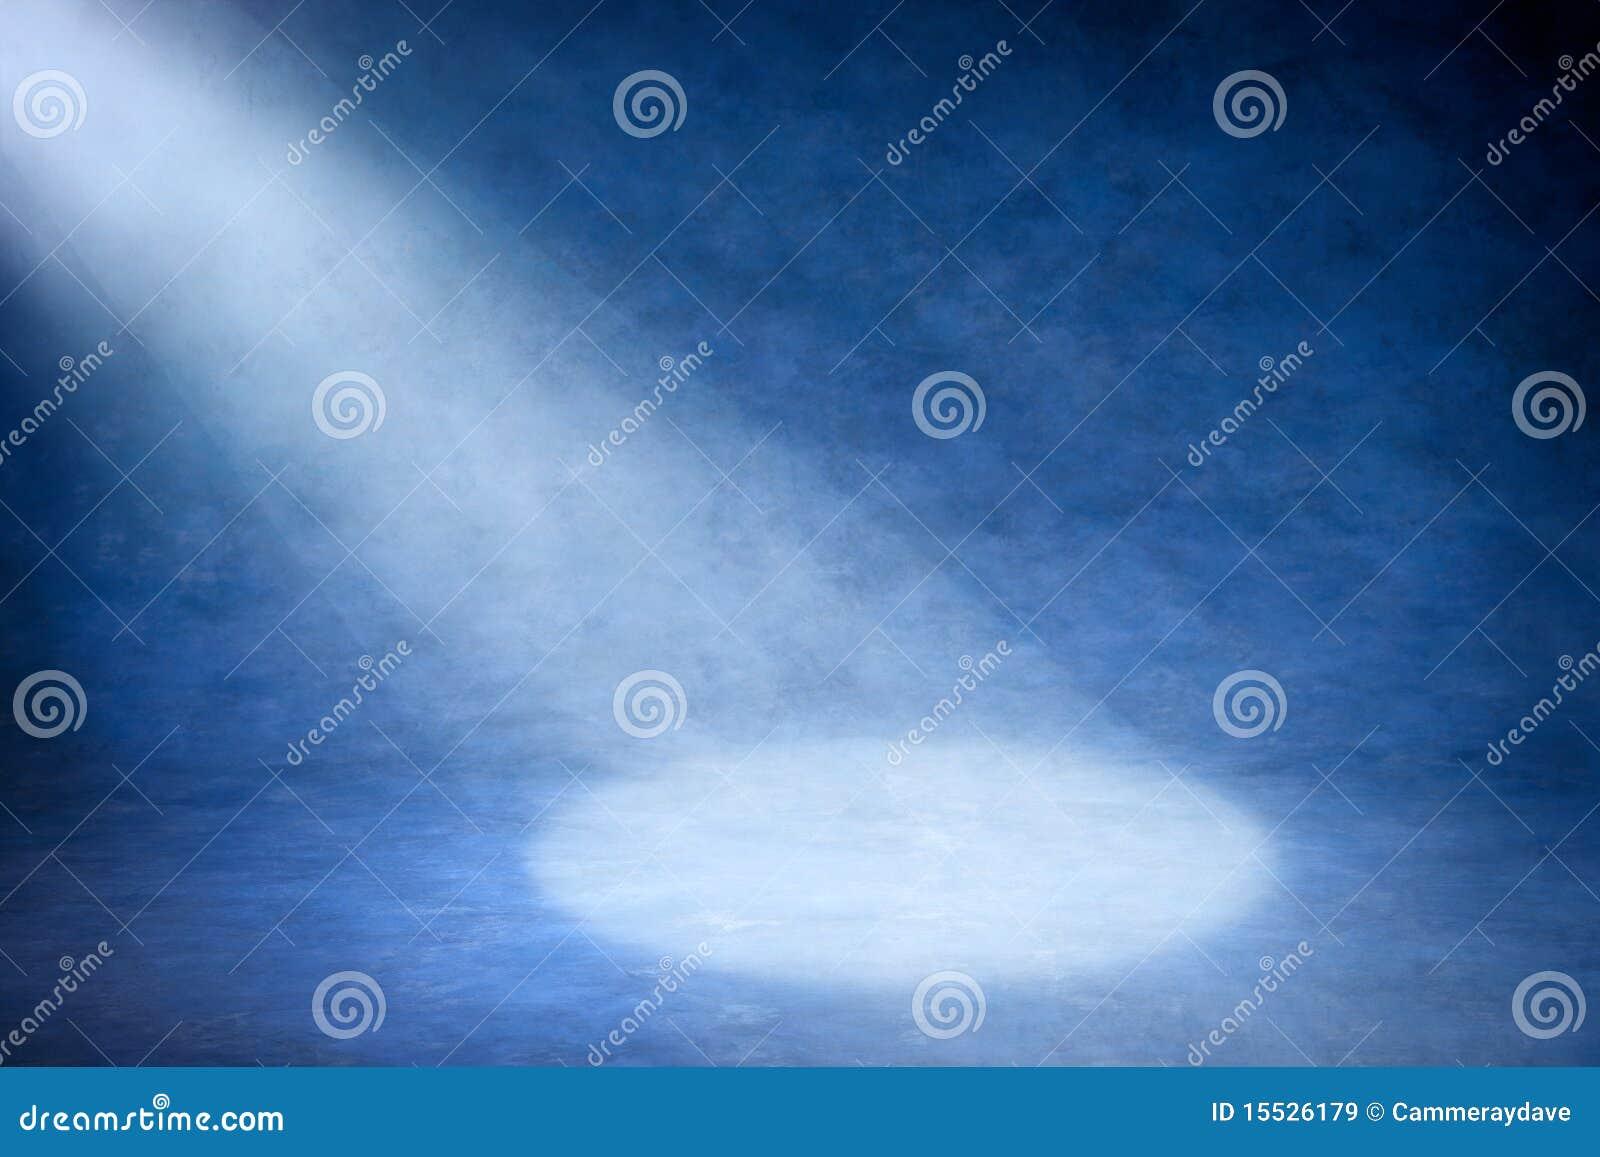 Abstrakter Scheinwerfer-Hintergrund